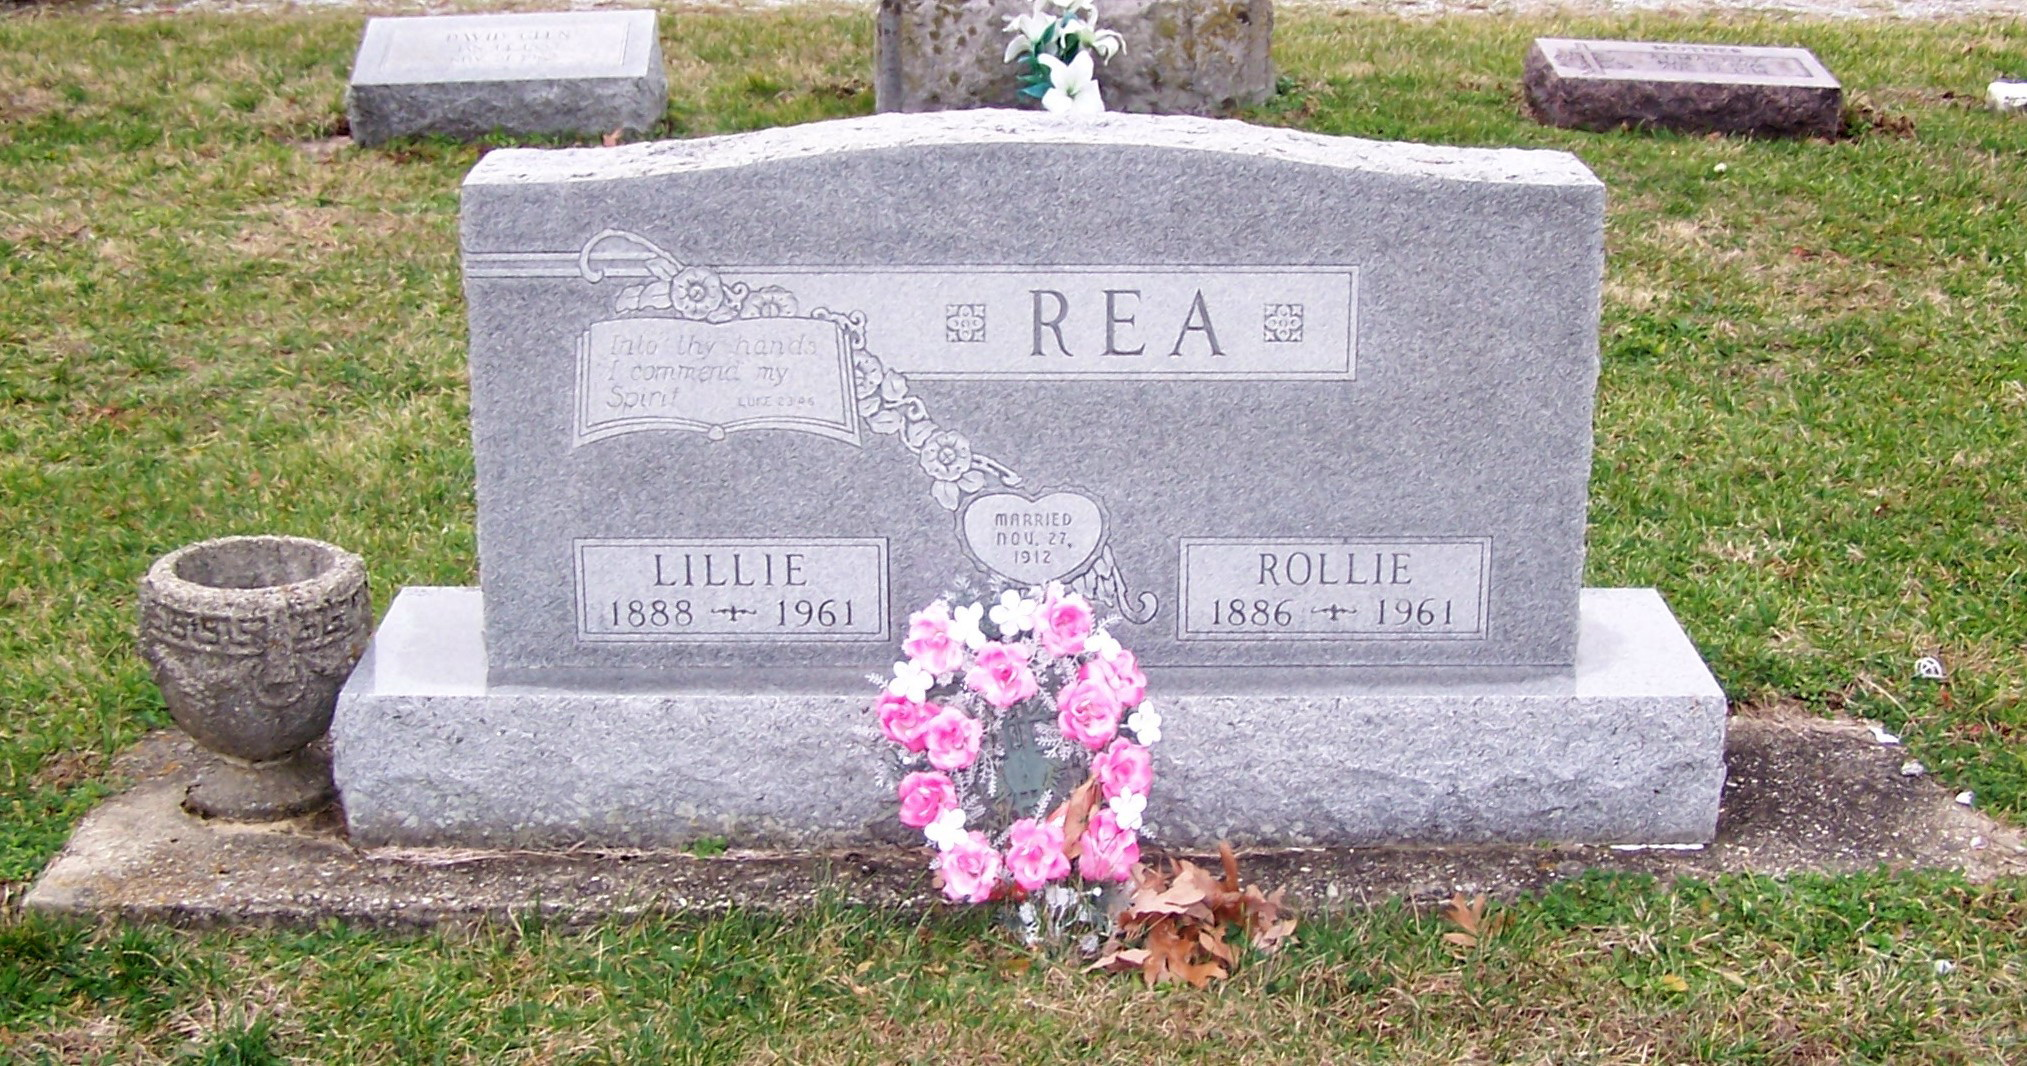 Lillie M Rea